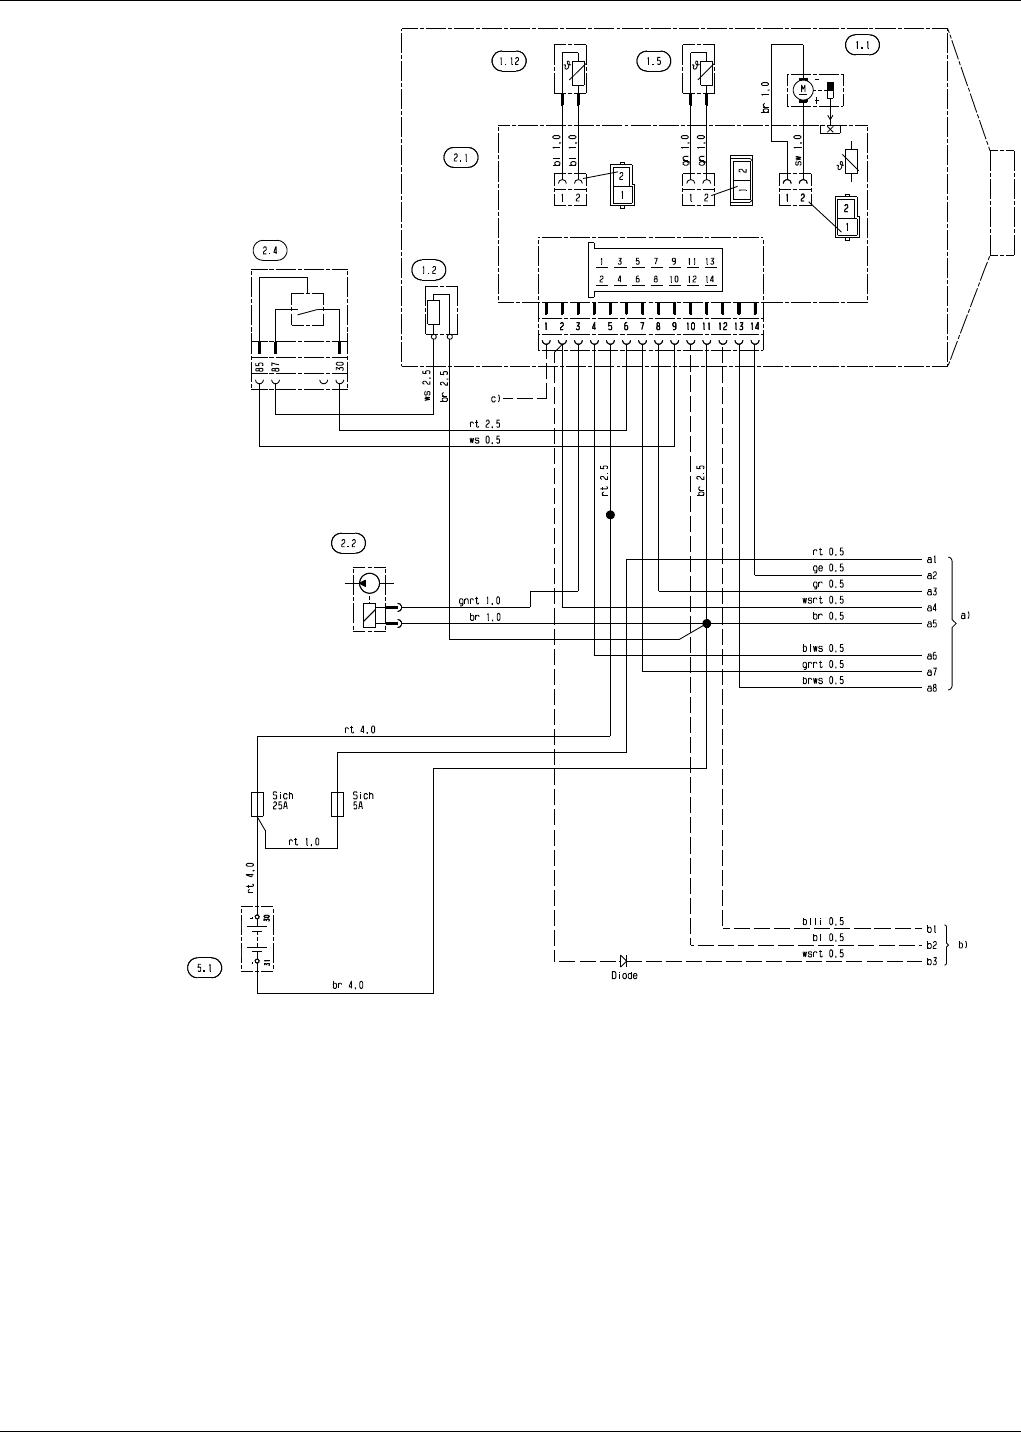 Ausgezeichnet 6 9 Glühkerzenschaltplan Bilder - Elektrische ...